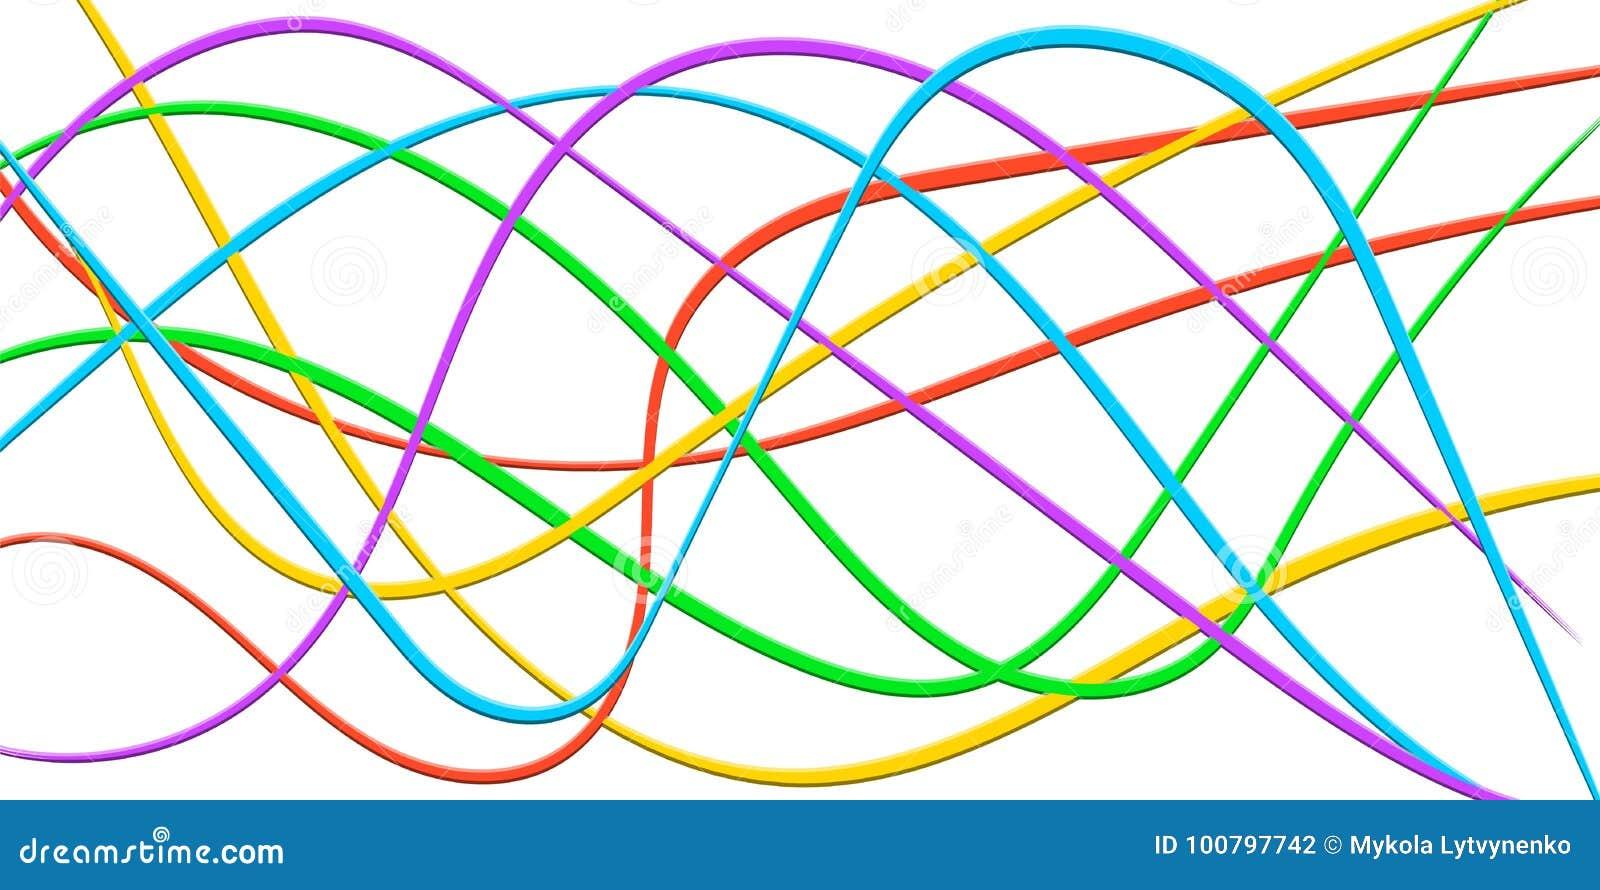 Kolorowa linia Obdziera faborek 3D, abstrakcjonistyczna wygina się tęczy fala, wektorowy Kolorowy jaskrawy tło kabel, błyskawiczn